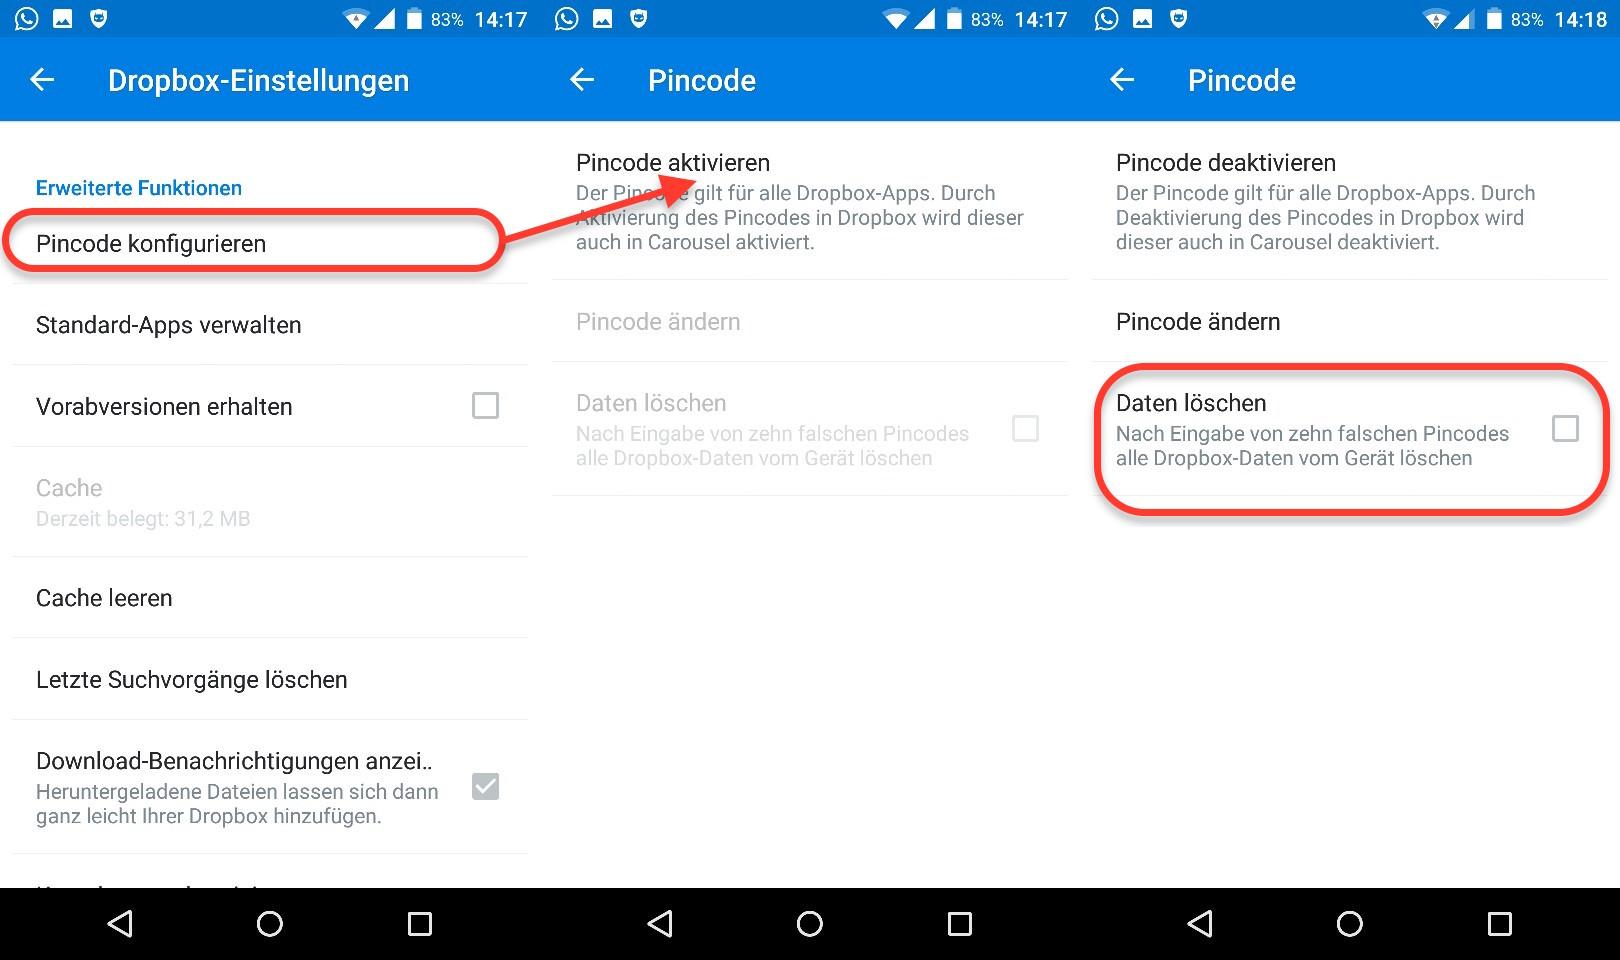 Dropbox per PIN schützen